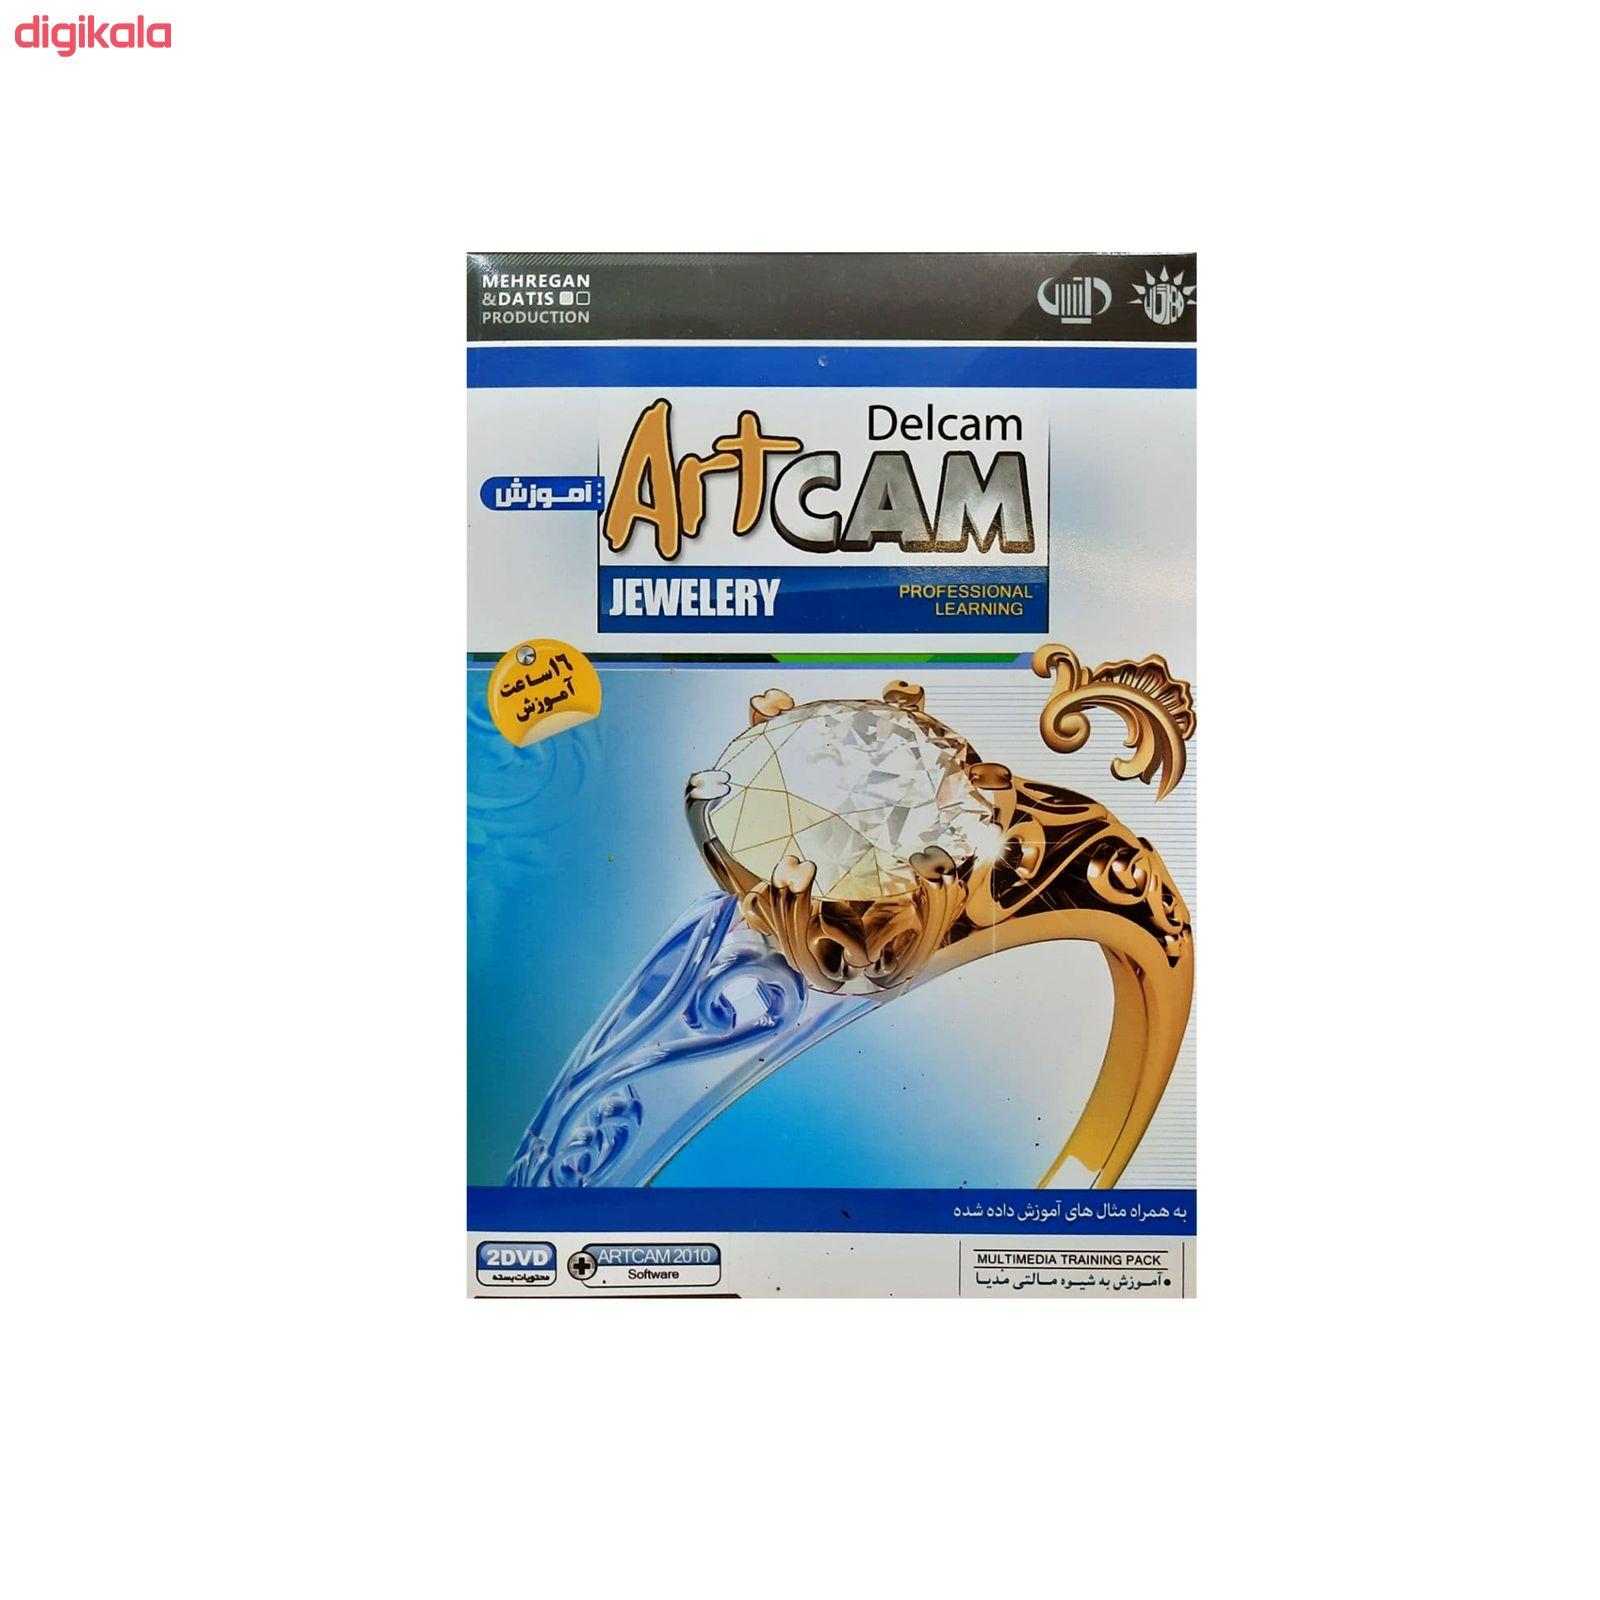 نرم افزار آموزش Artcam jewelery نشر مهرگان main 1 1